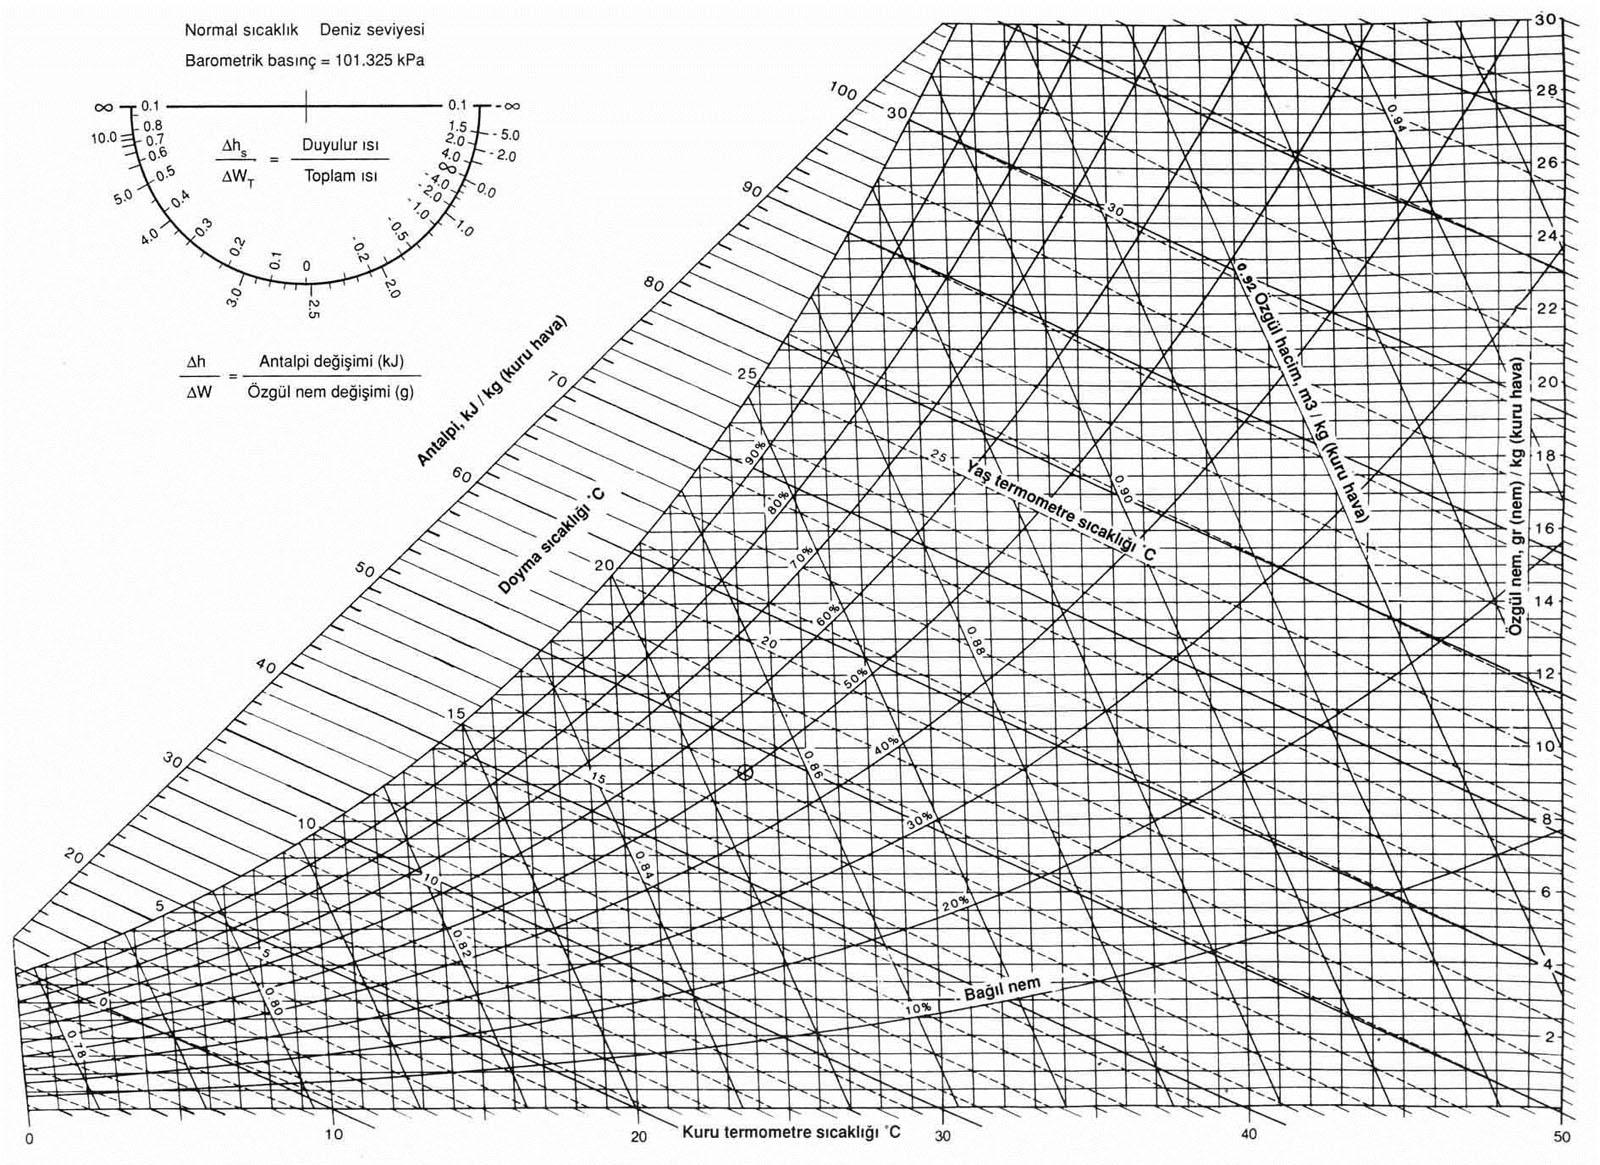 Psikrometrik Diyagram Üzerinde İşlemler ve Uygulamalar